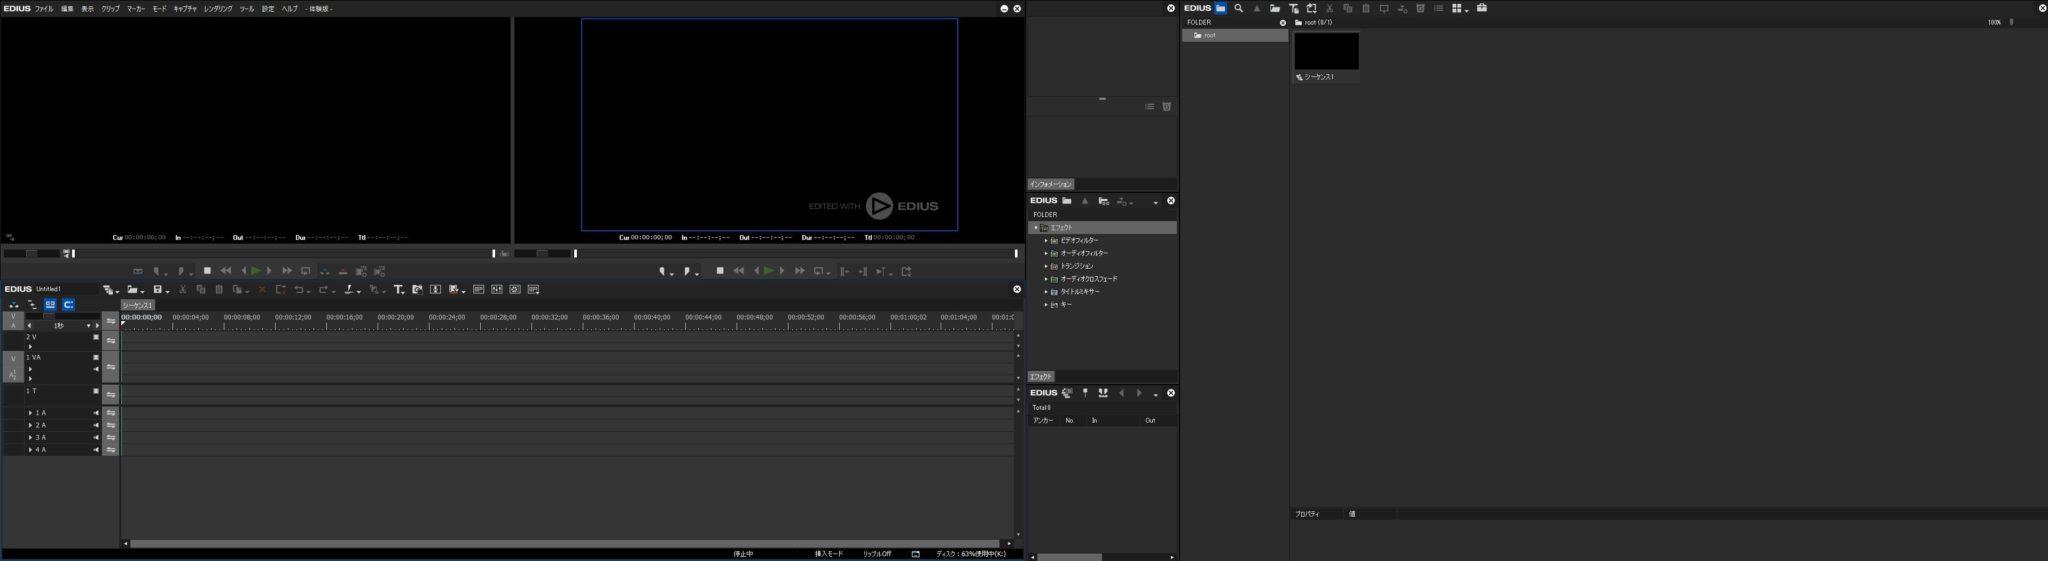 動画編集ソフトEDIUS Pro 9 編集プロジェクト画面